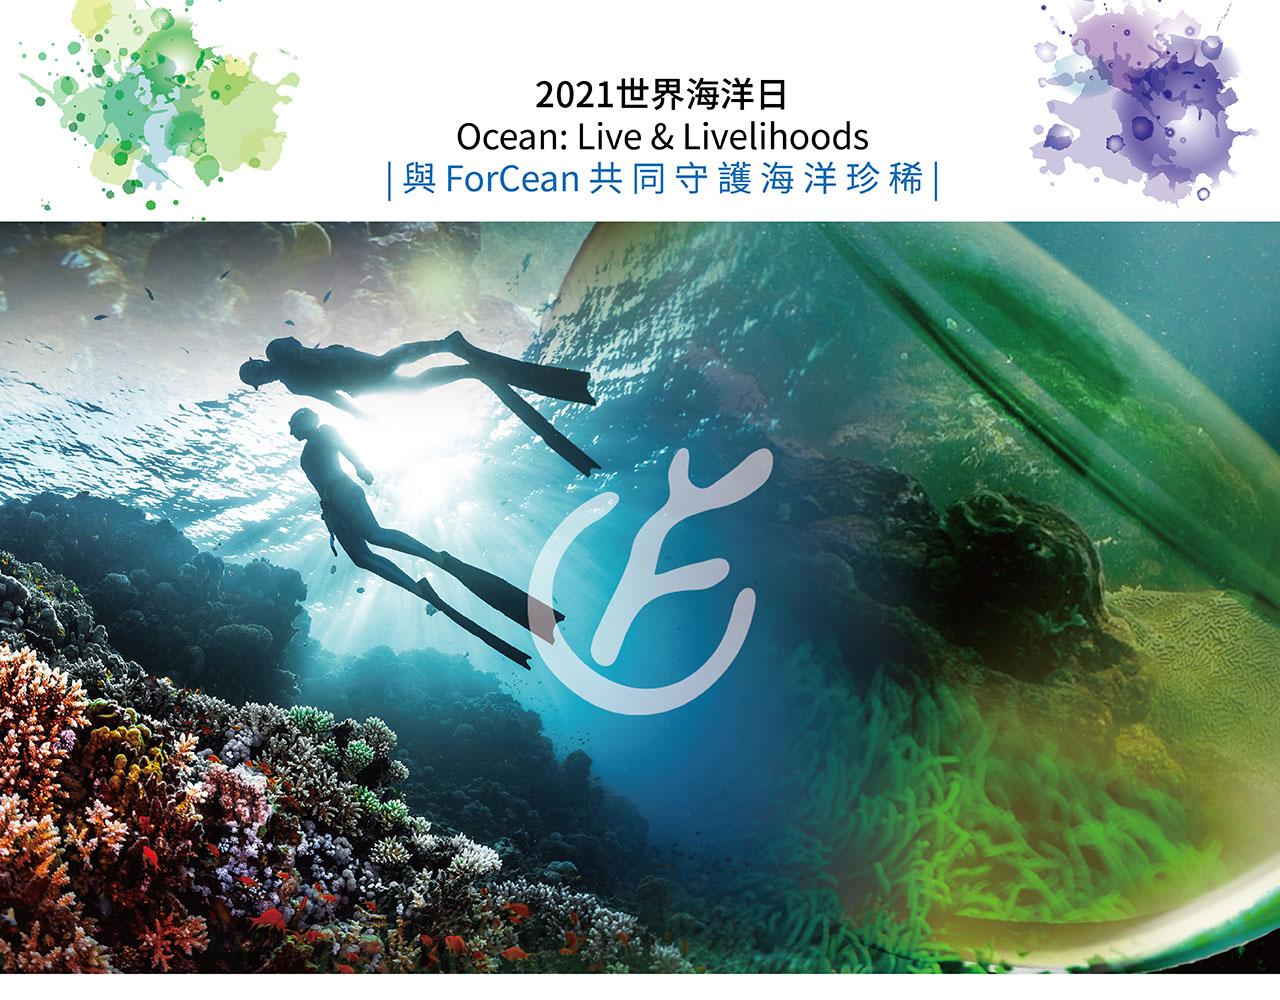 世界海洋日 World Oceans Day